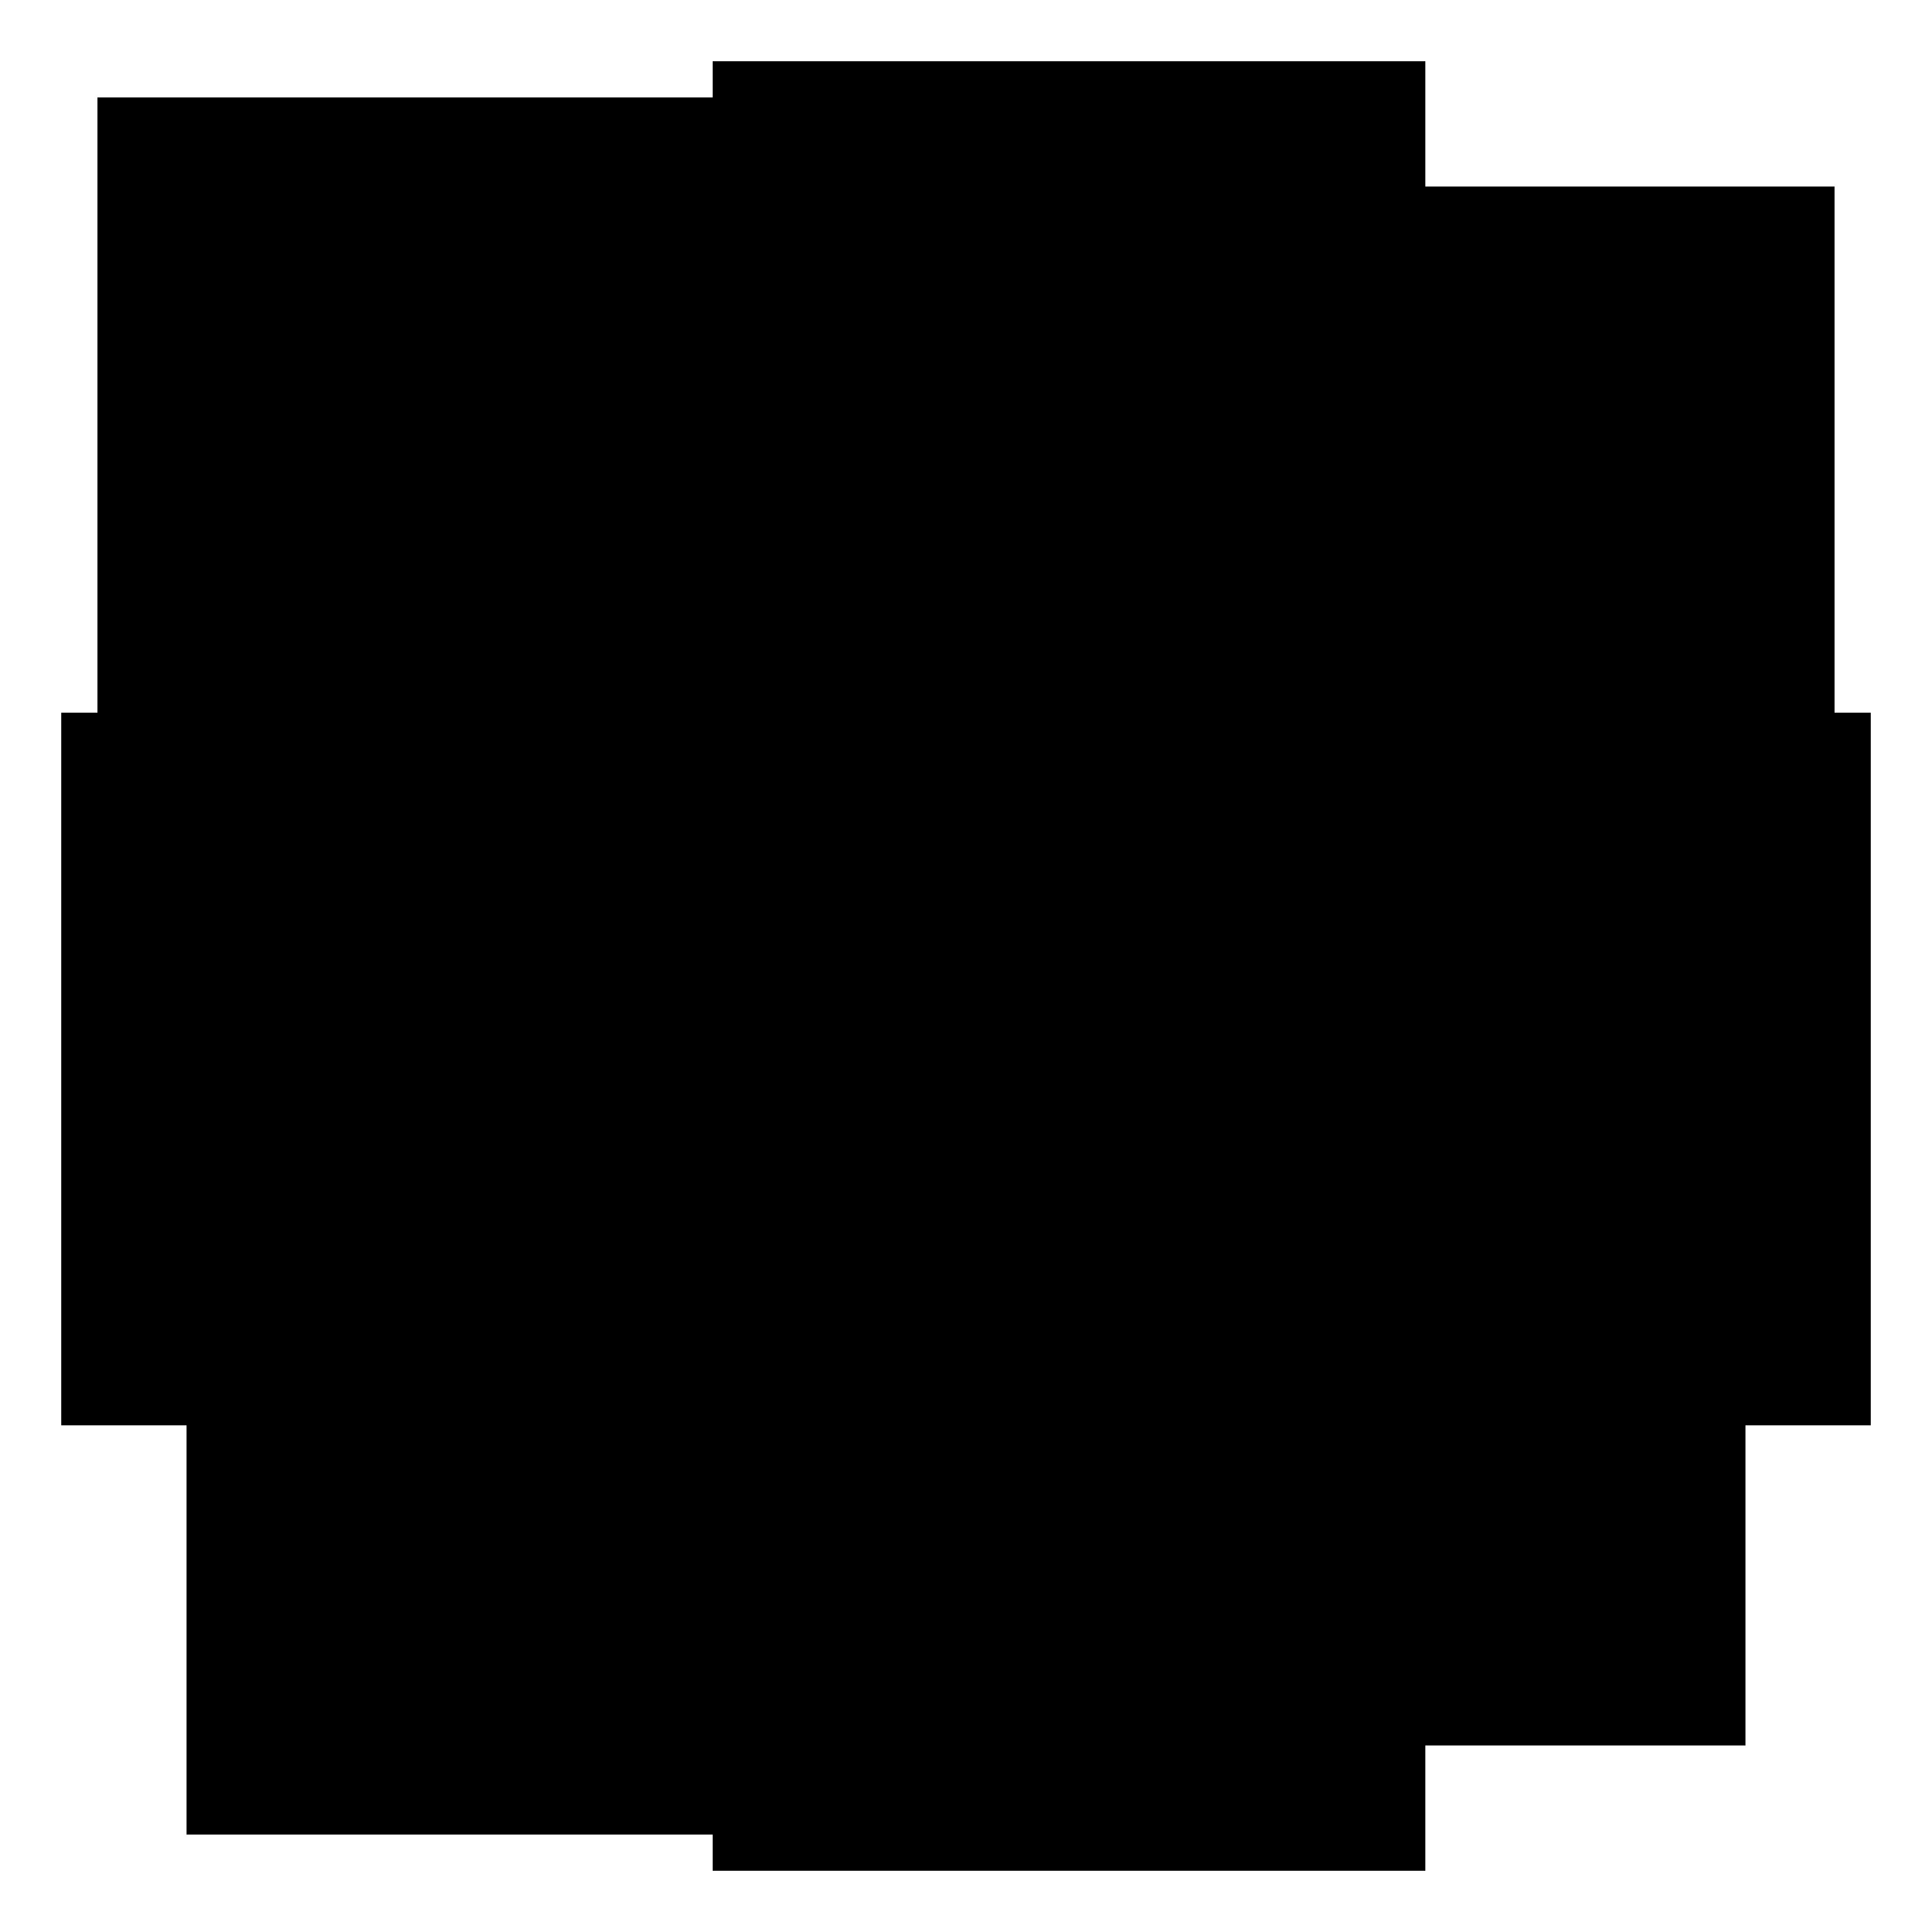 CVDG-Club-Sponsor-Kastaplast